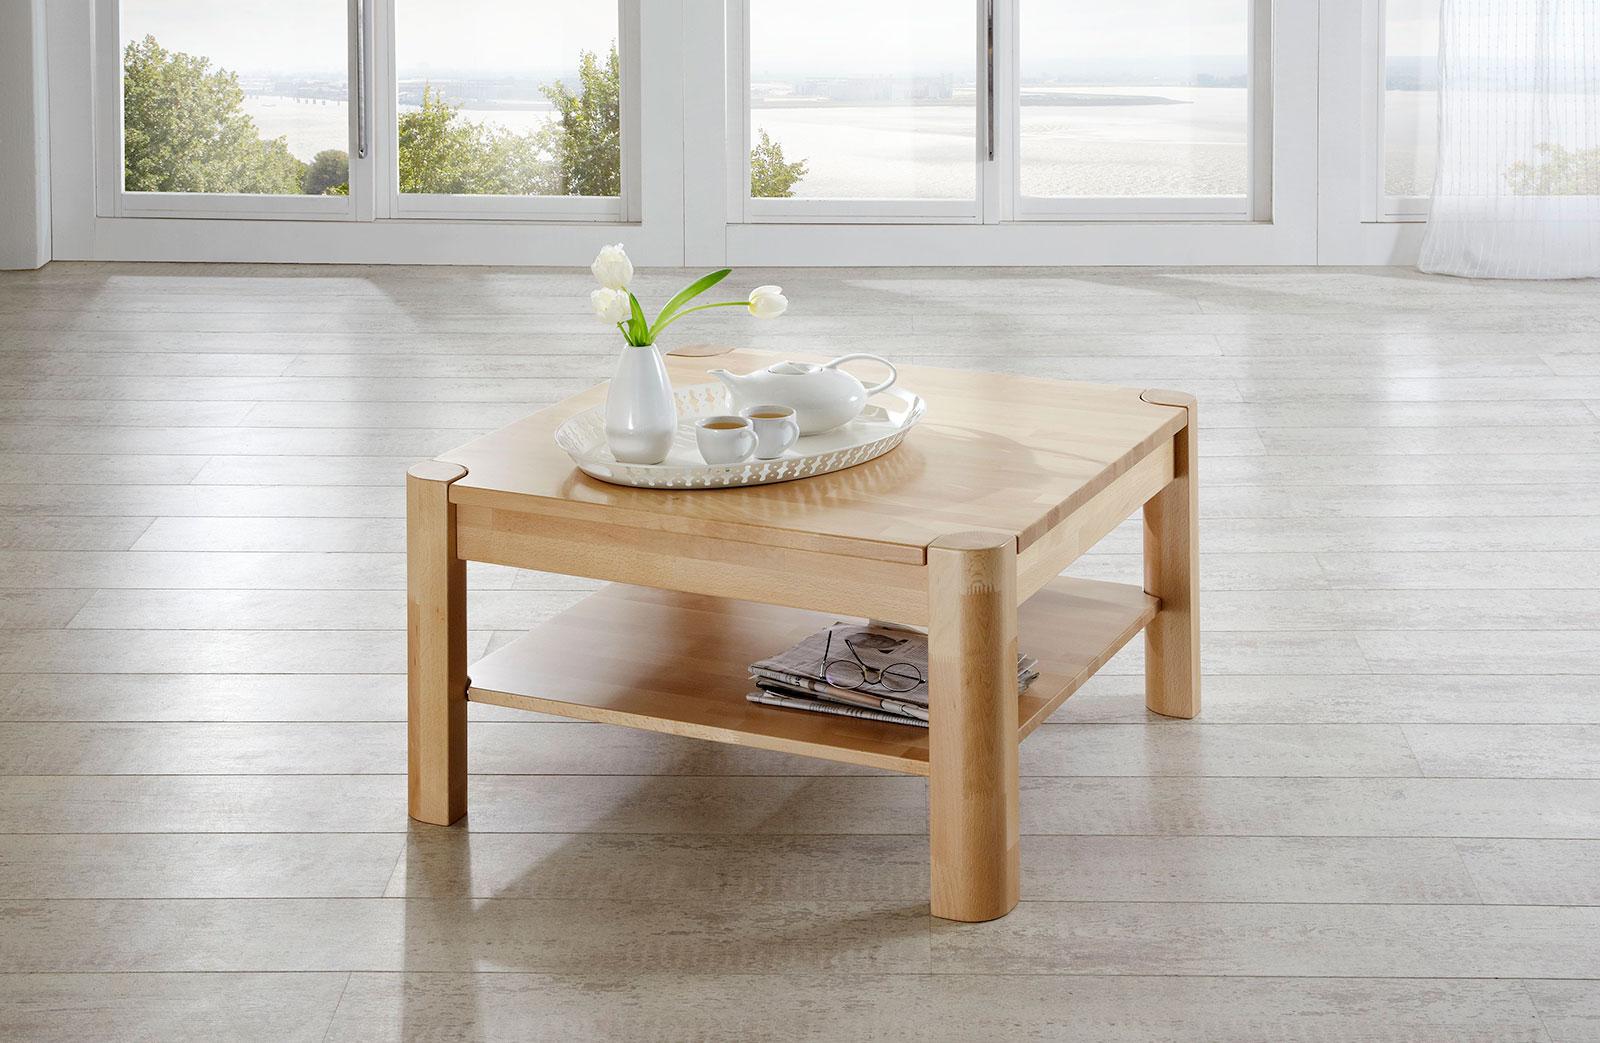 couchtisch ct450b dico m bel einer der f hrenden. Black Bedroom Furniture Sets. Home Design Ideas